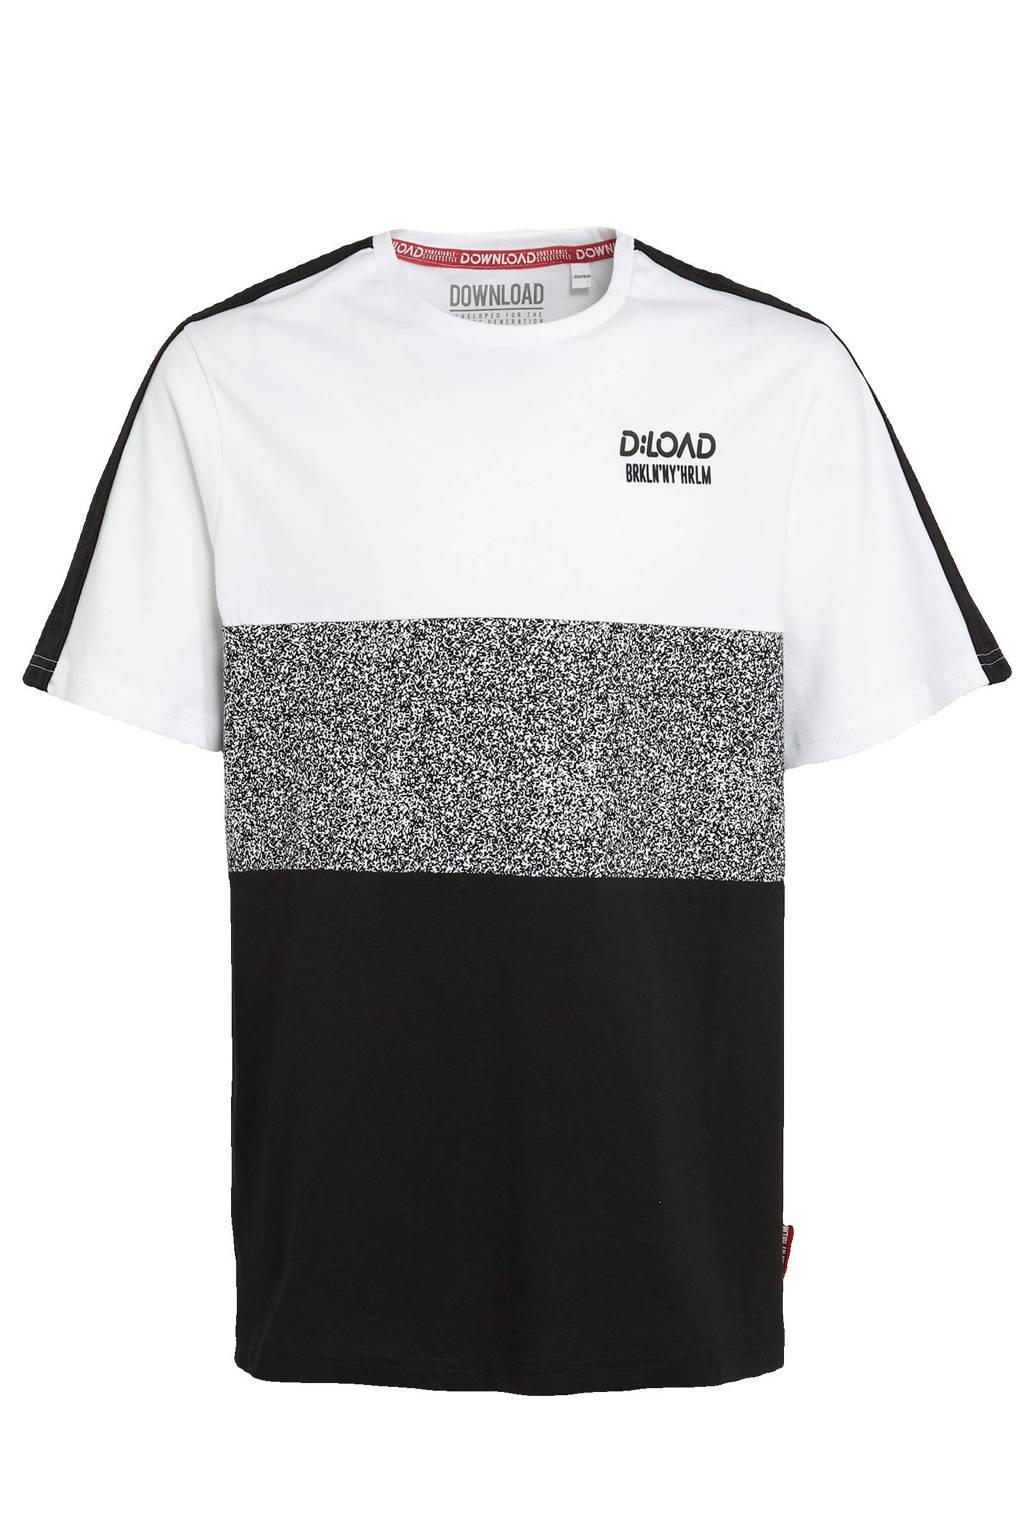 C&A T-shirt van biologisch katoen wit/zwart, Wit/zwart